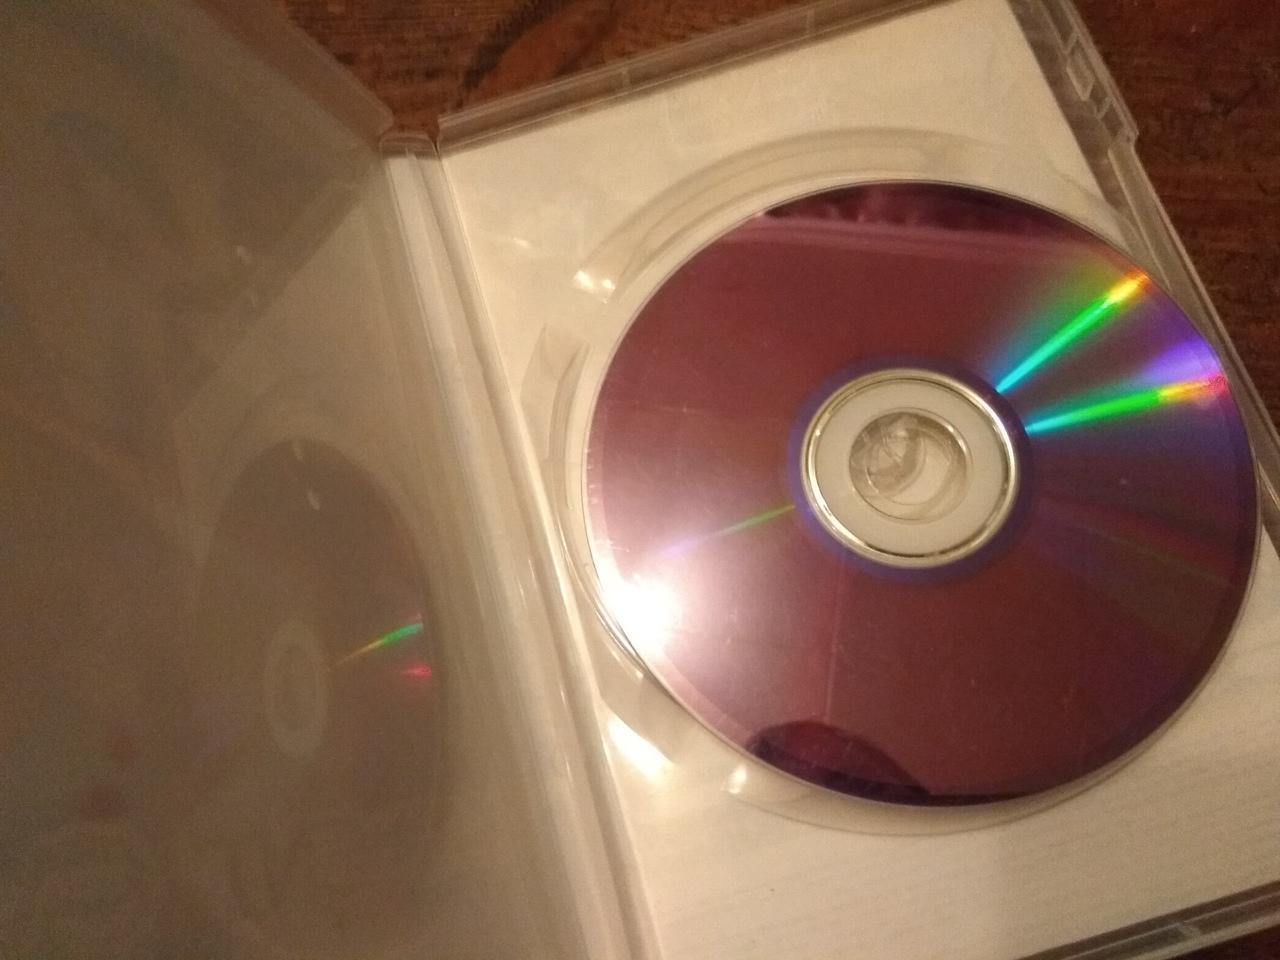 диск Resident Evil для Xbox 360 в Москве 89055780592 купить 3